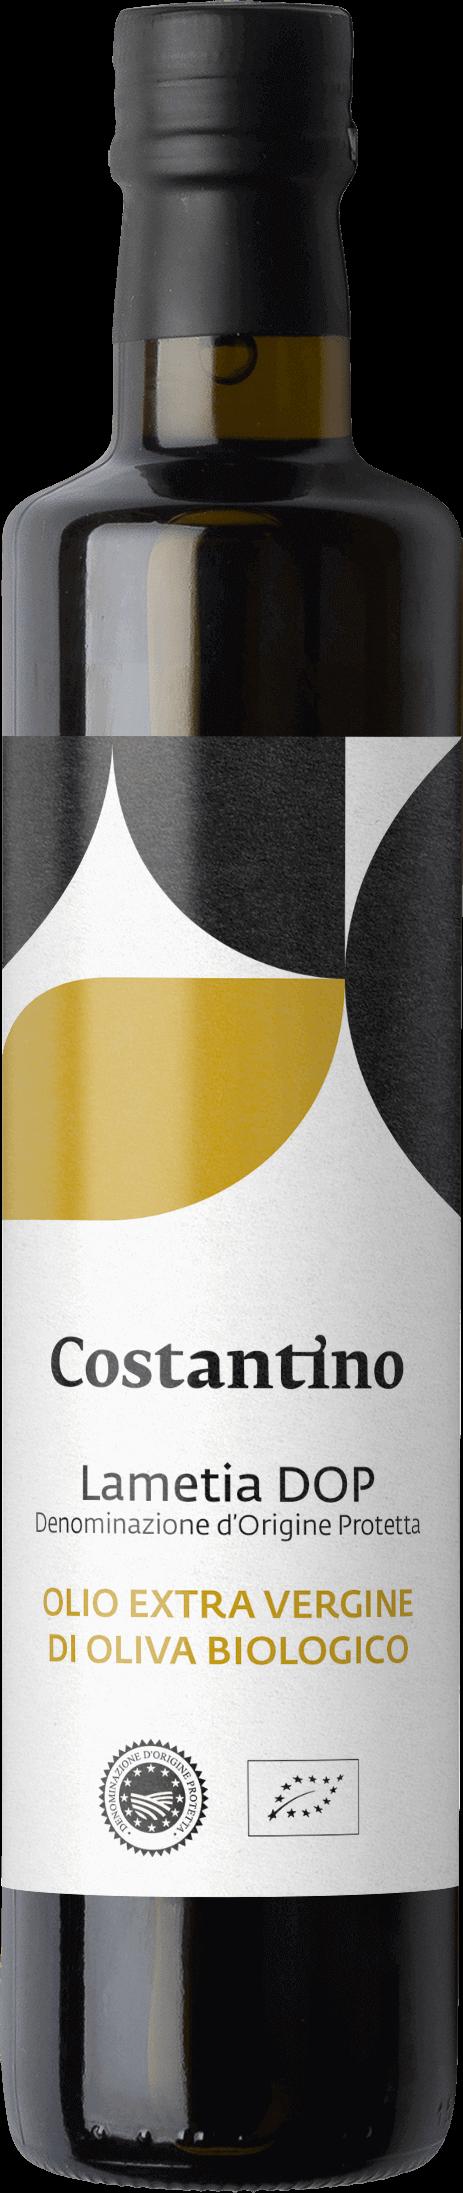 Costantino - Olio Extra Vergine d'Oliva Biologico Dop Lametia - bottiglia 50cl